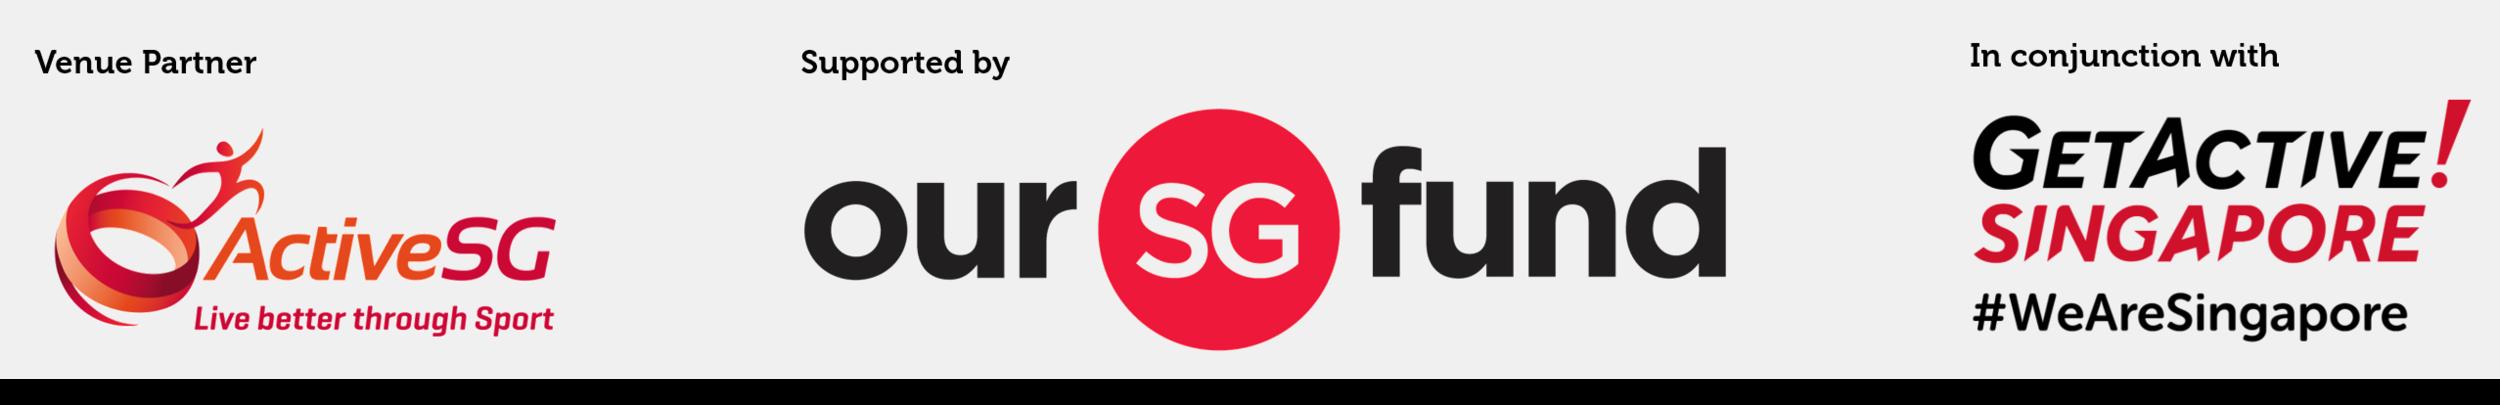 SportsSG_ActiveSG_GetActiveSG